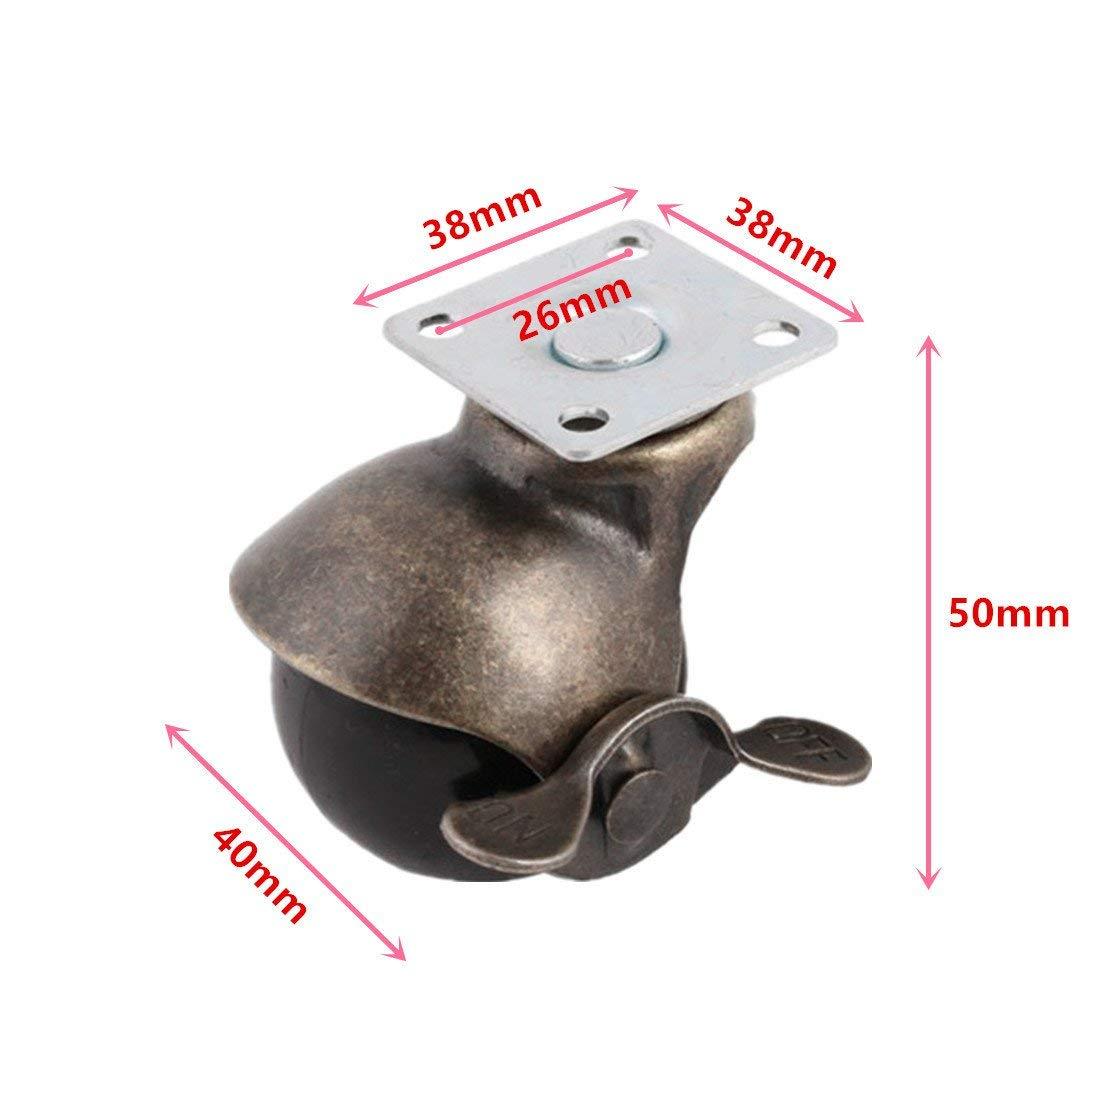 Útil [4 pacote] roda de rodízio de bola com capuz placa superior giratória, bronze antigo (1.5 polegadas com freio)-5